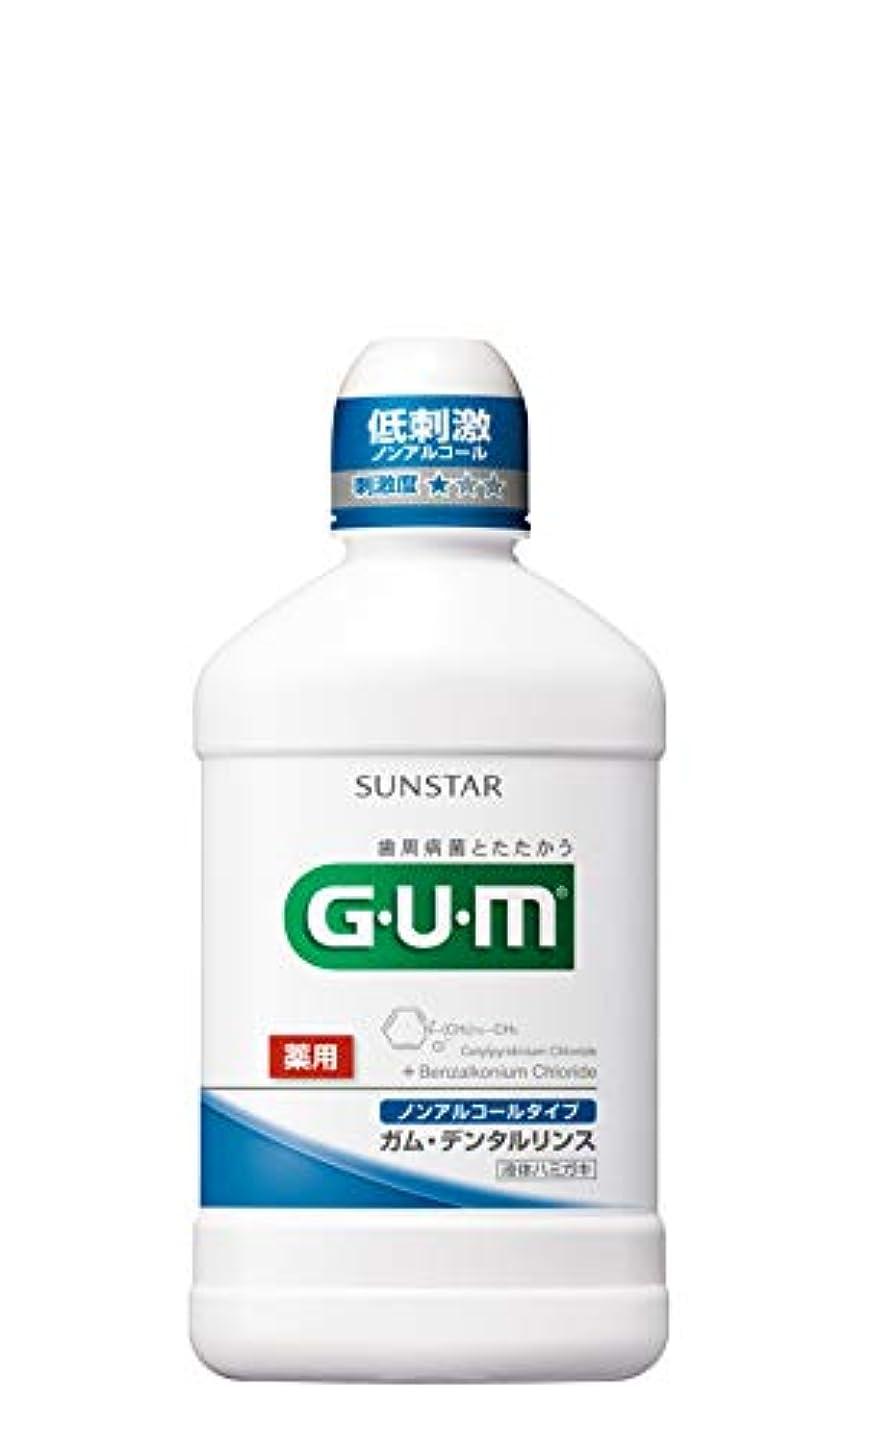 フック暖かさ恒久的[医薬部外品] GUM(ガム) デンタルリンス ノンアルコールタイプ 薬用液体ハミガキ 250ML <歯周病予防 口臭予防>